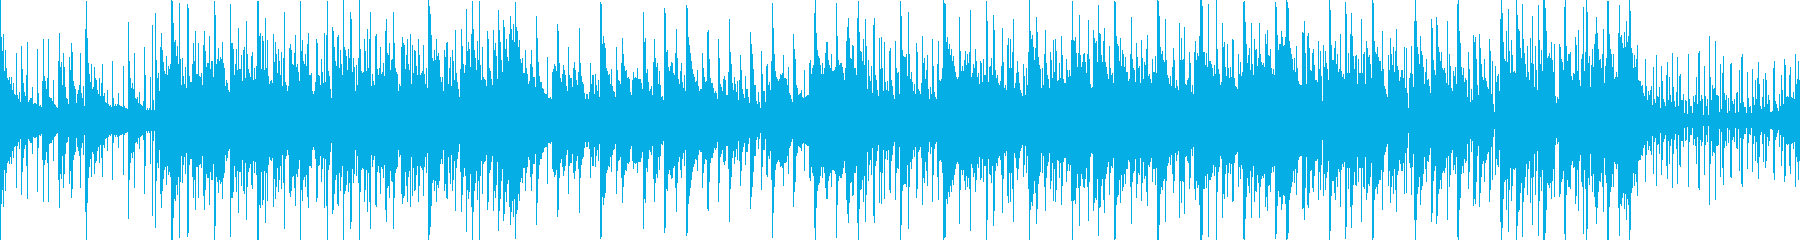 砂漠BGMゲーム/ループ可能の再生済みの波形